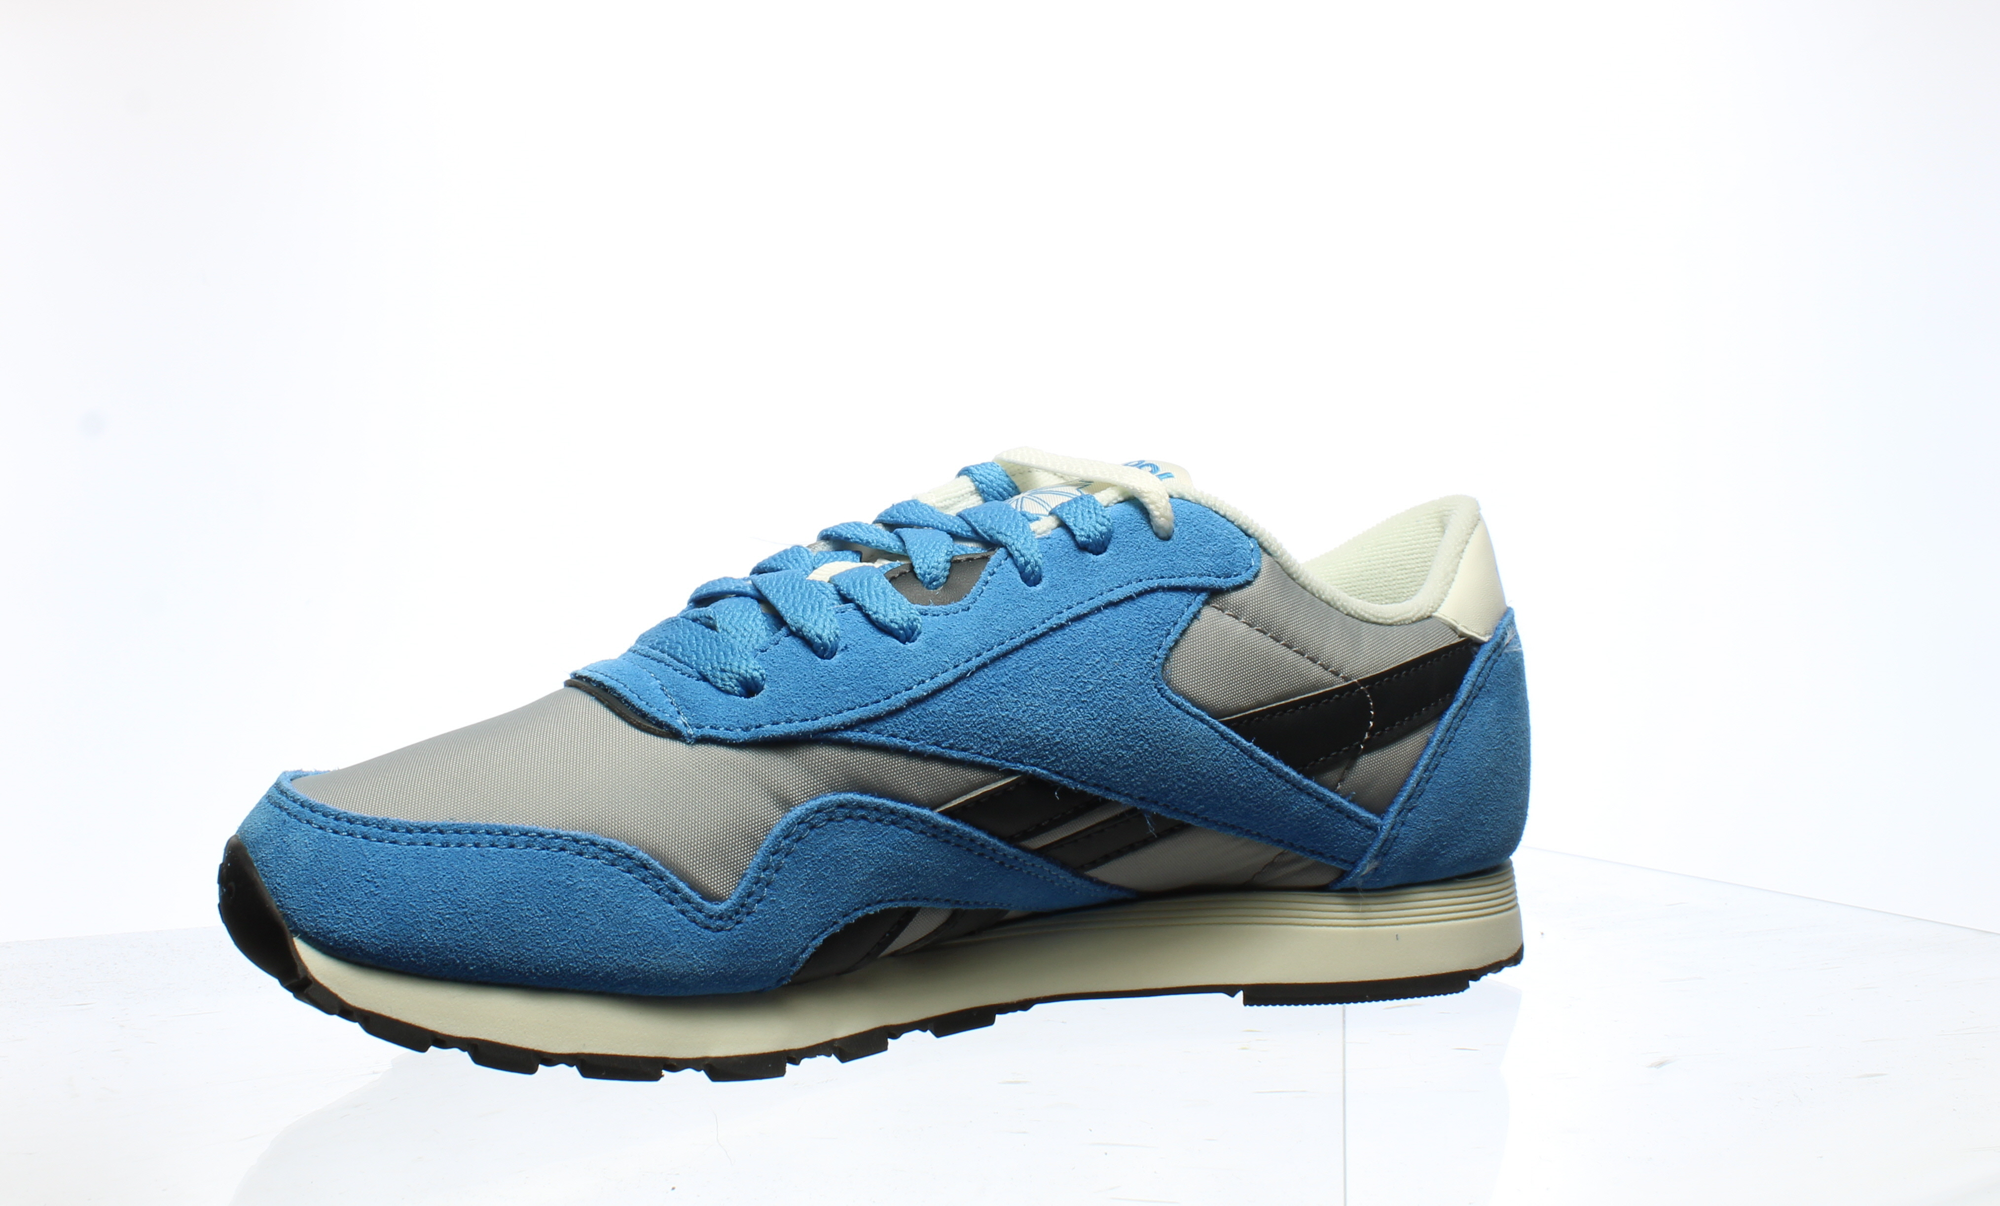 Reebok-Mens-Cl-Nylon-Fashion-Sneakers thumbnail 19